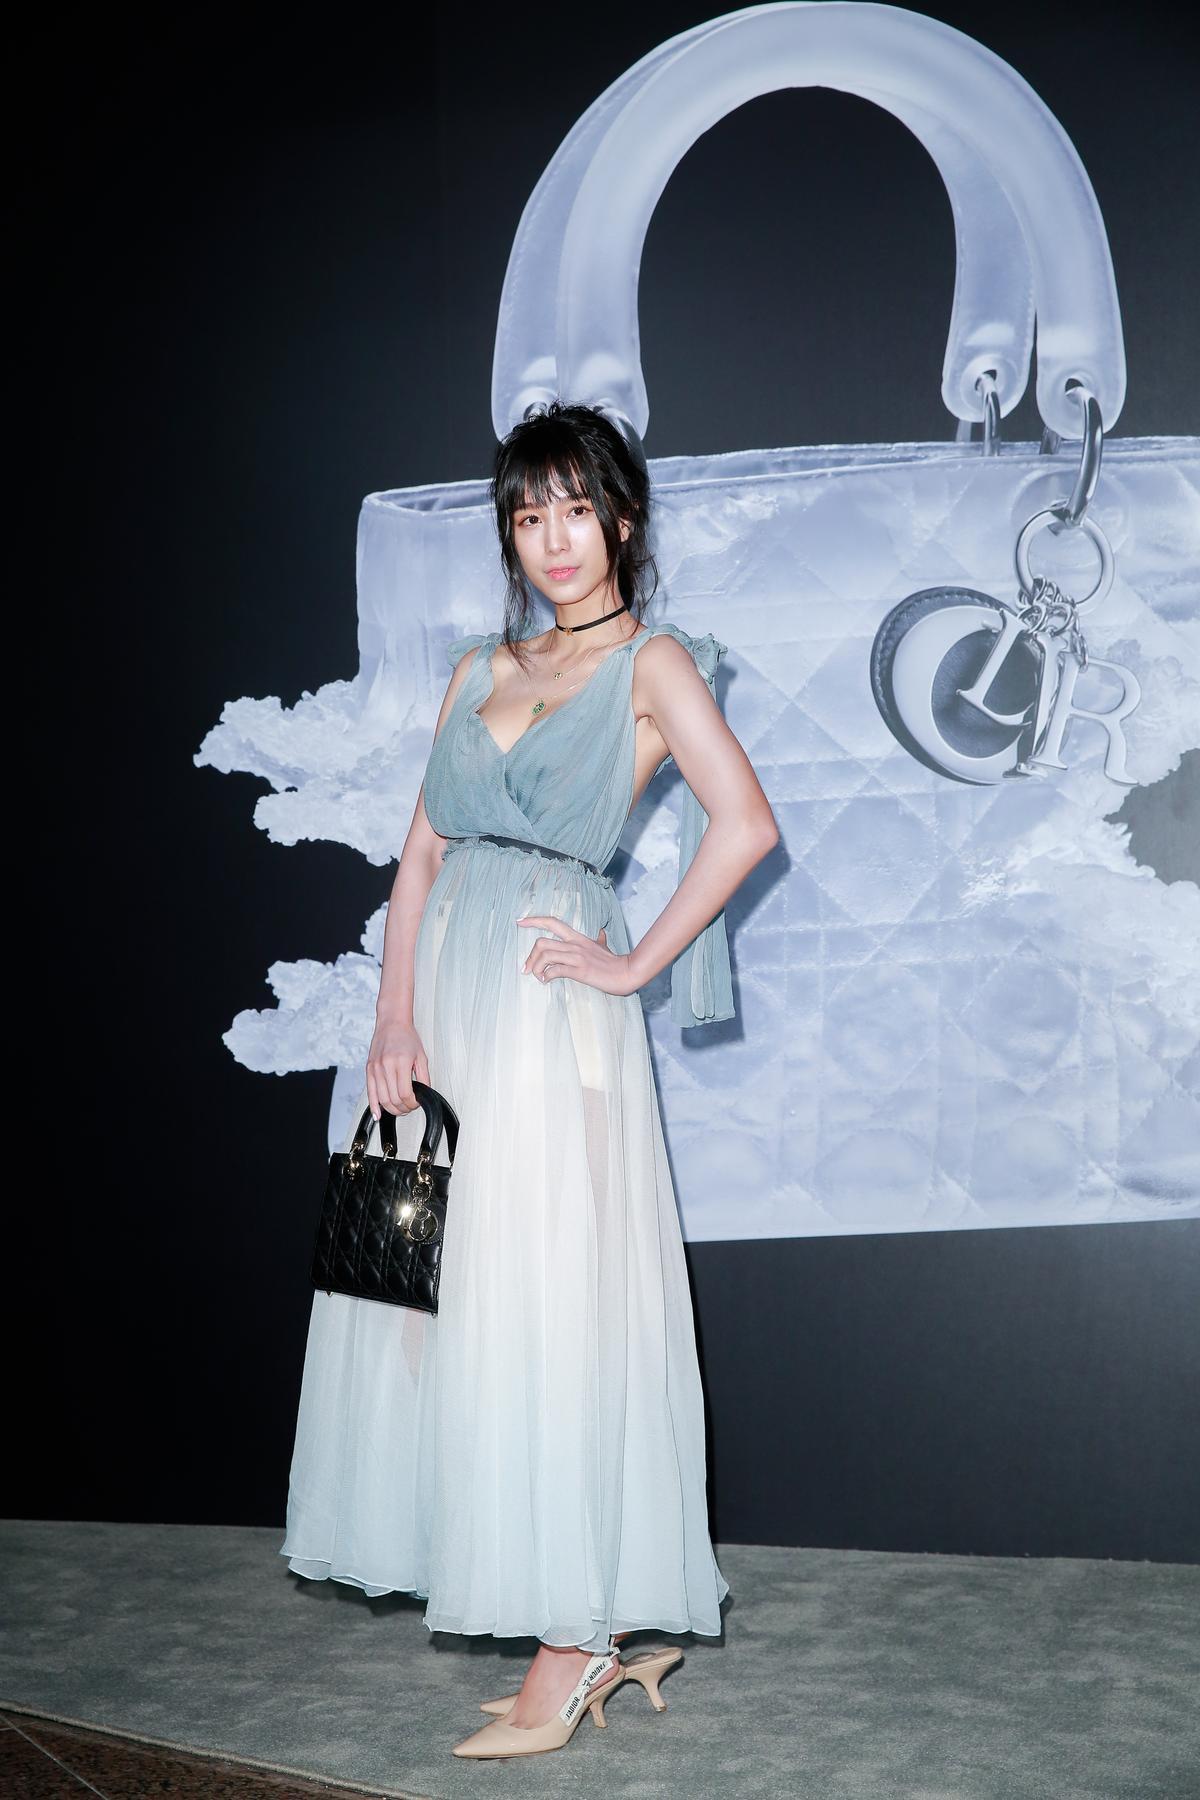 溫貞菱一席紗裙出席盛會。